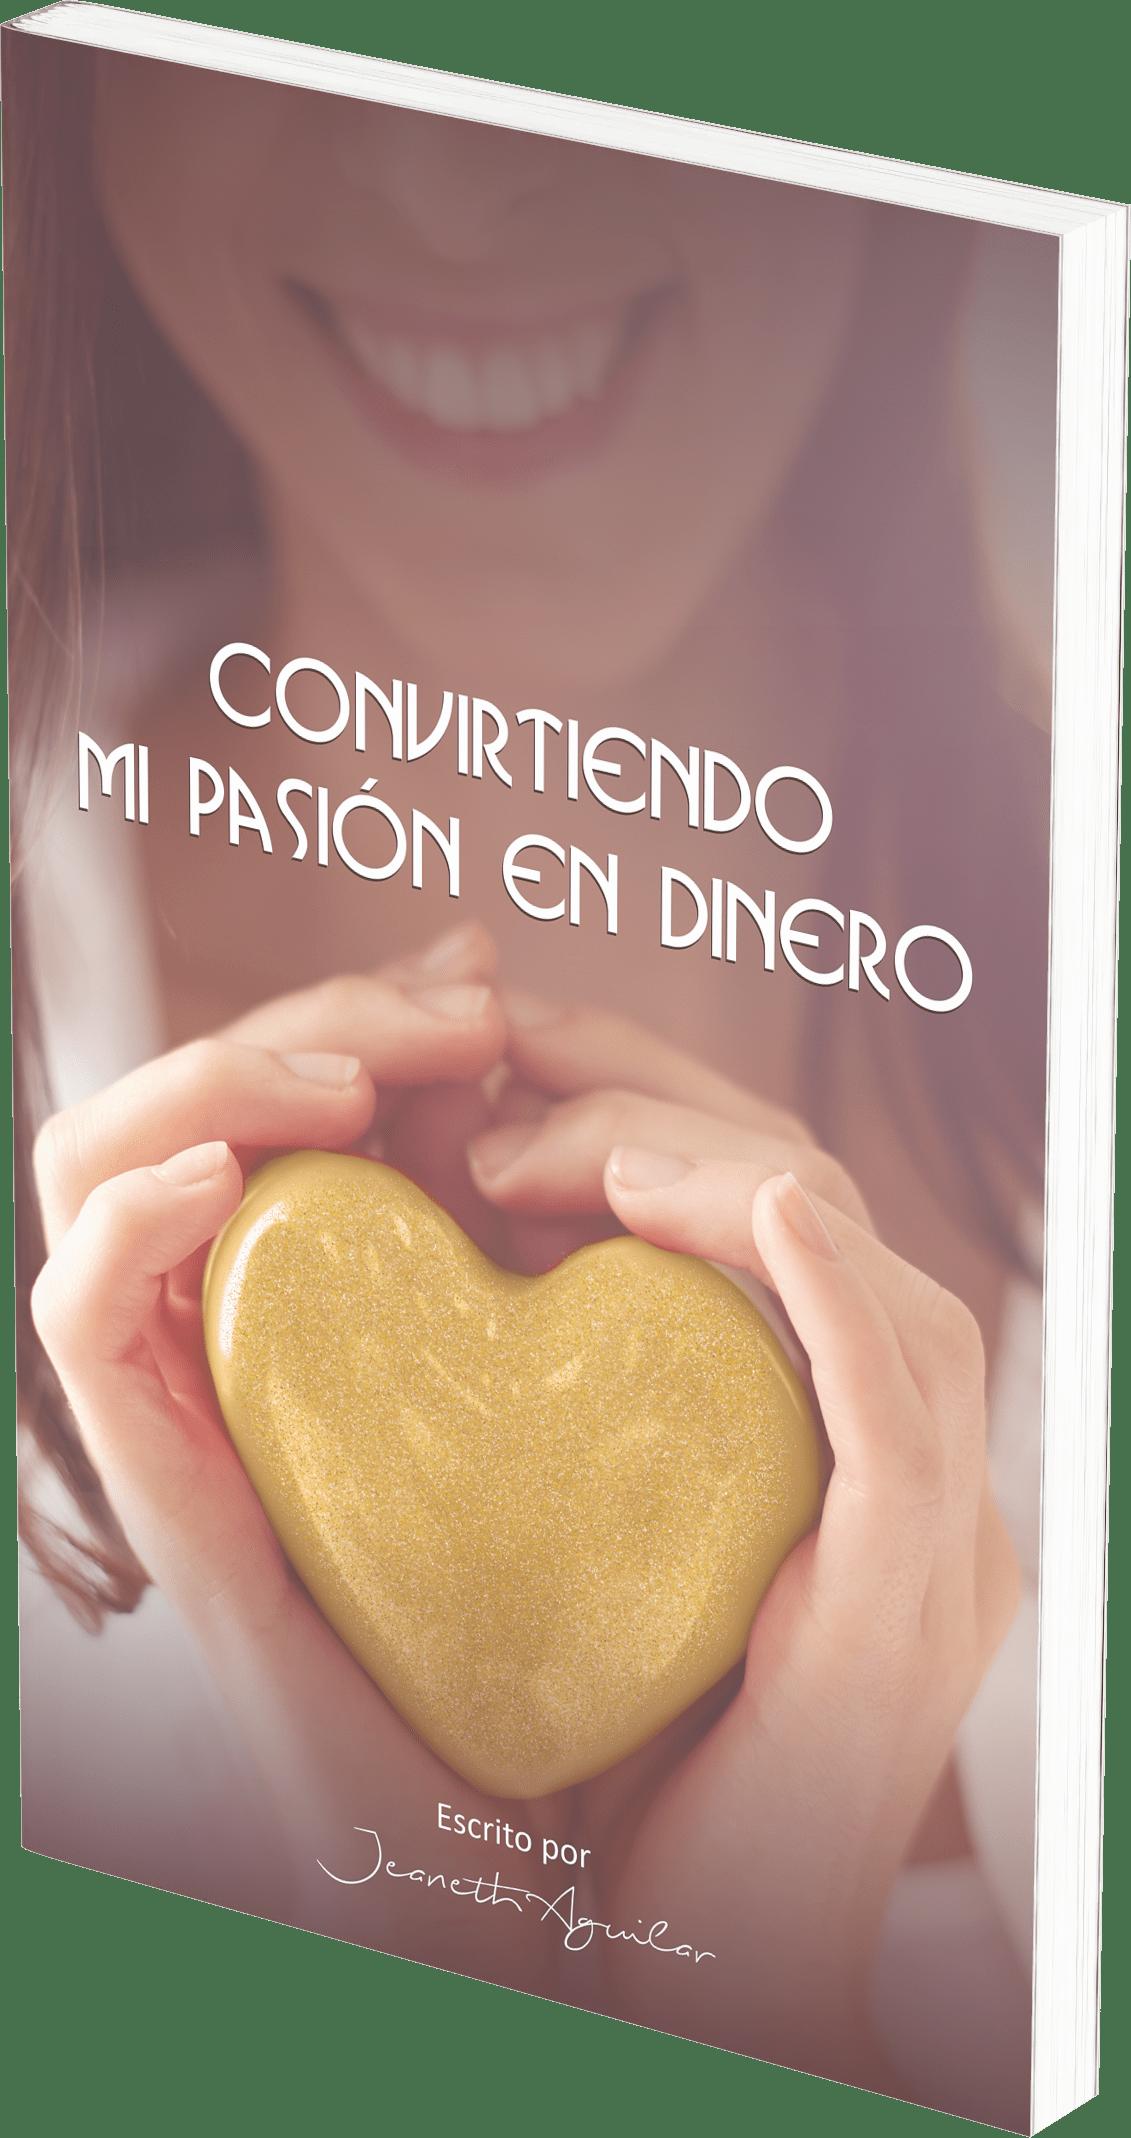 Convirtiendo_mi_pasion_en_dinero